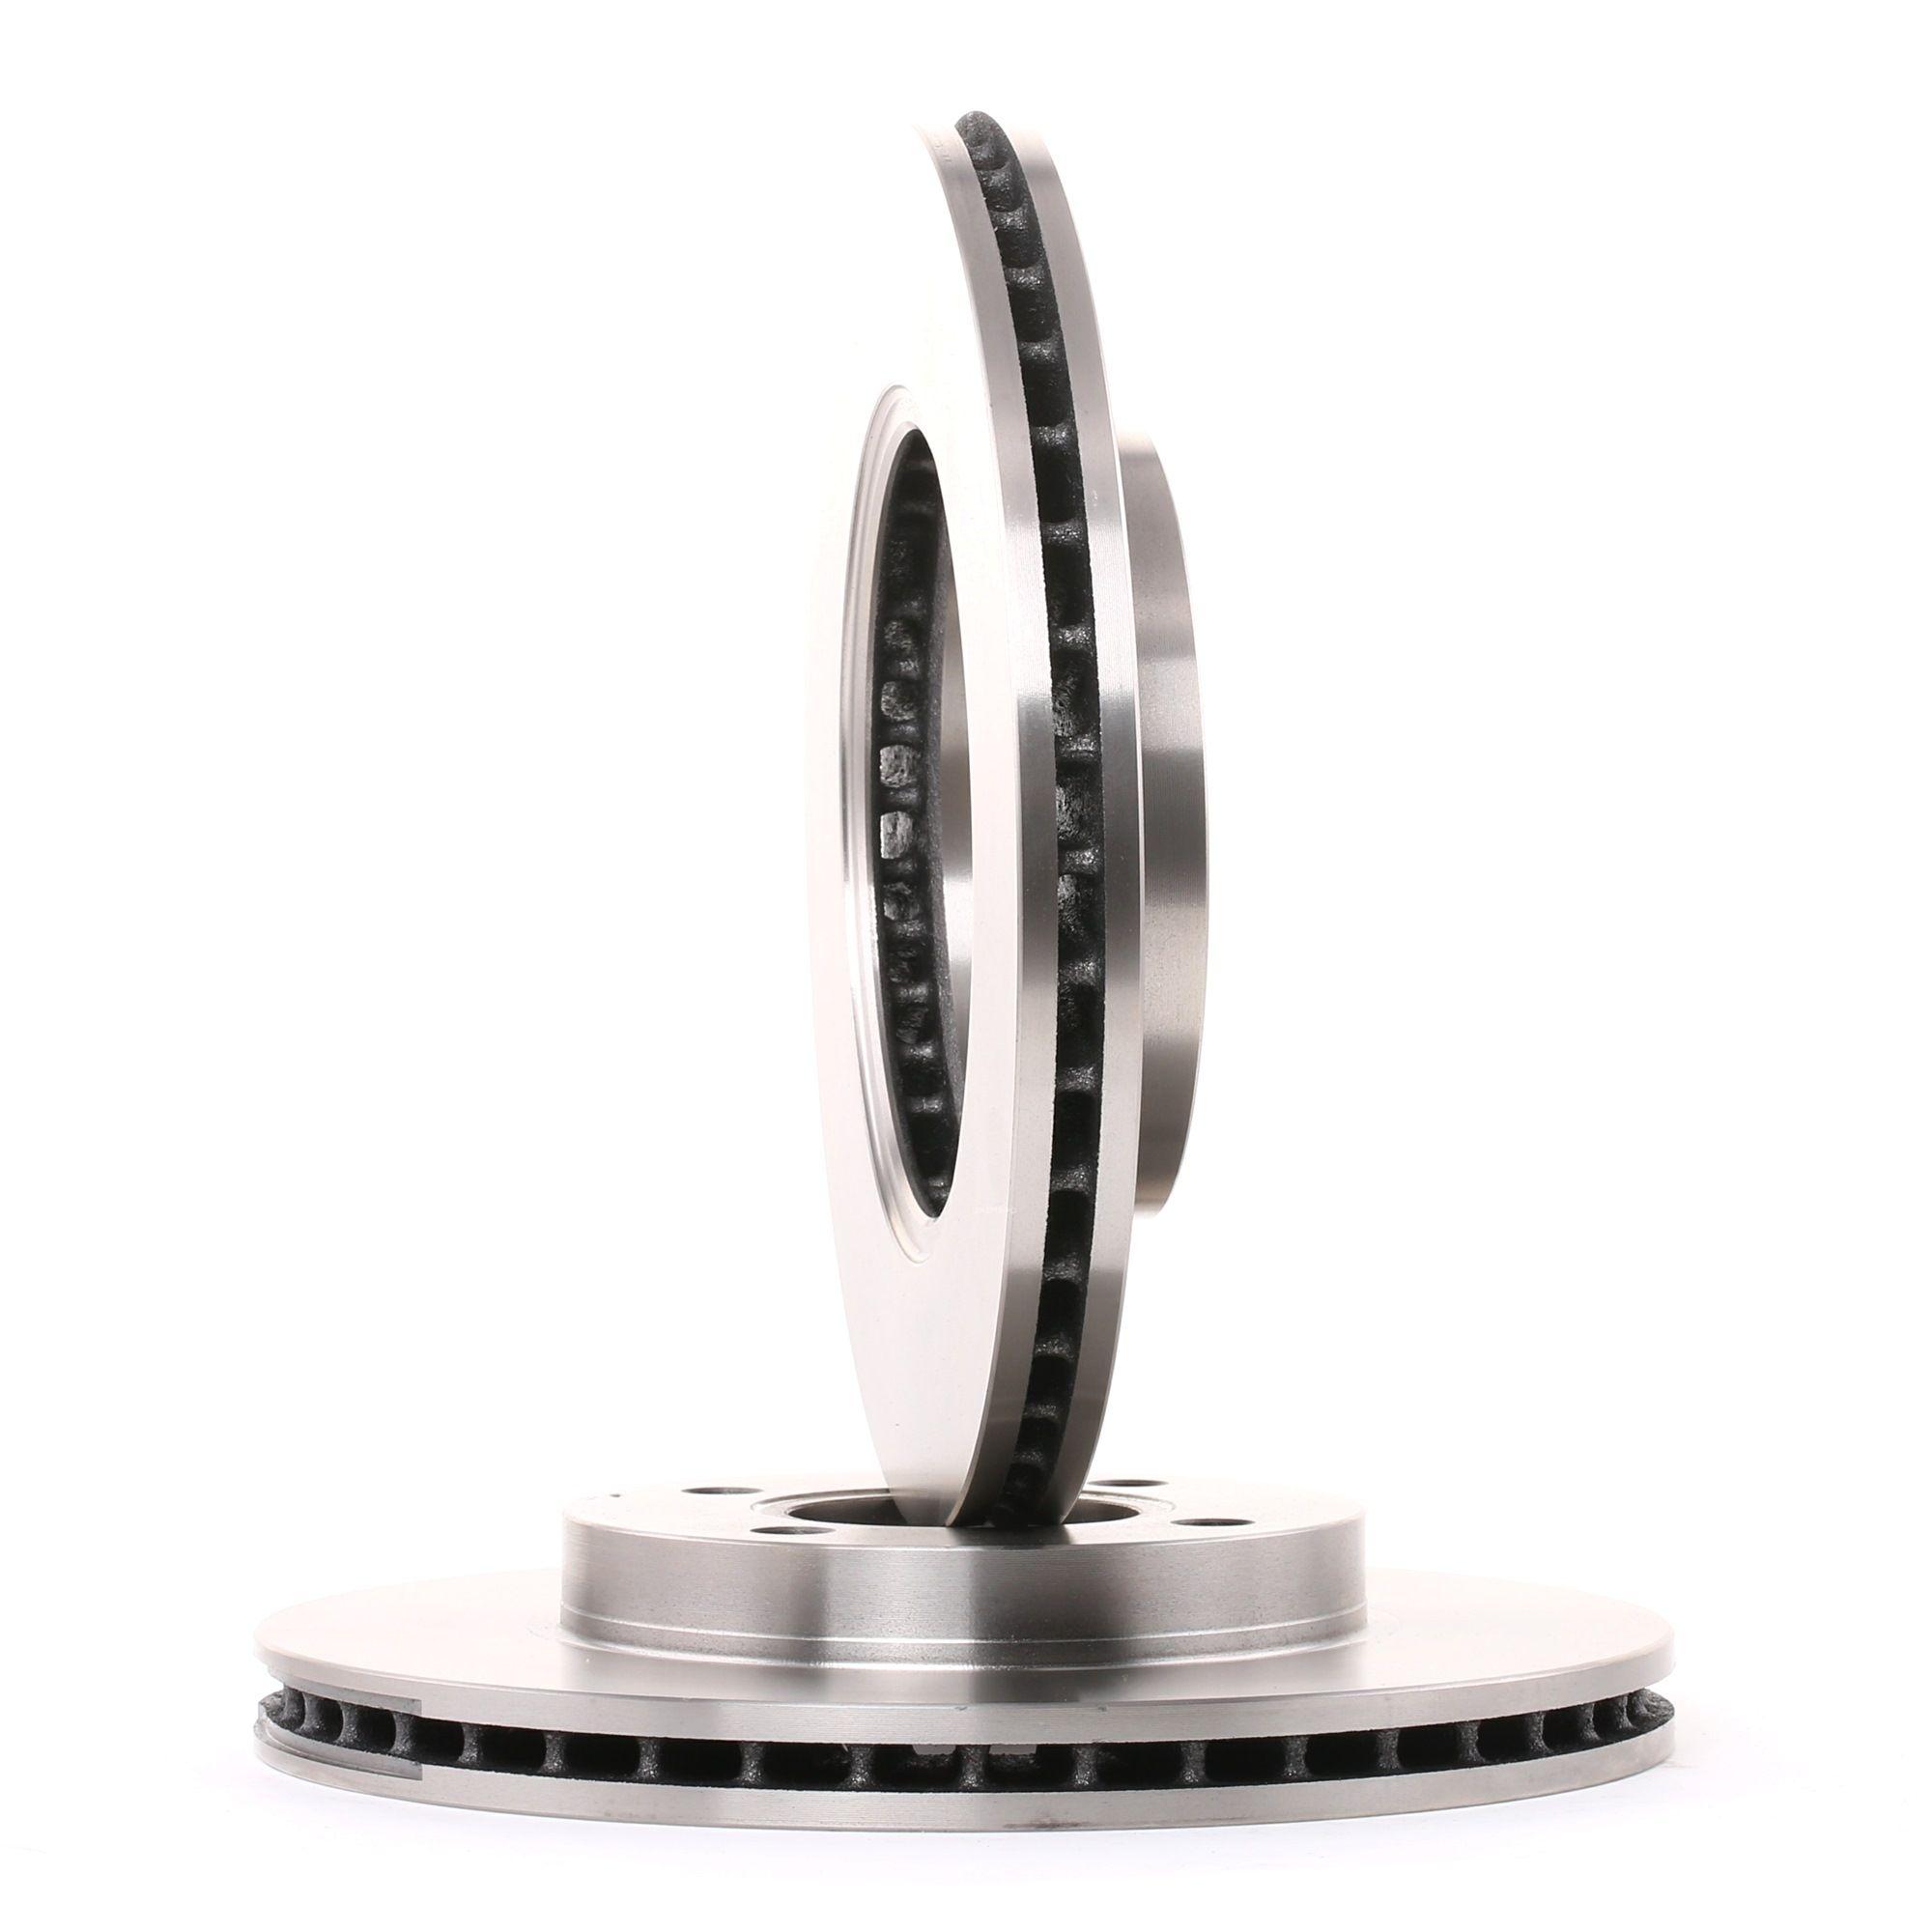 Купете 09.7806.14 BREMBO вътрешновентилиран Ø: 258мм, брой на дупките: 4, дебелина на спирачния диск: 22мм Спирачен диск 09.7806.14 евтино